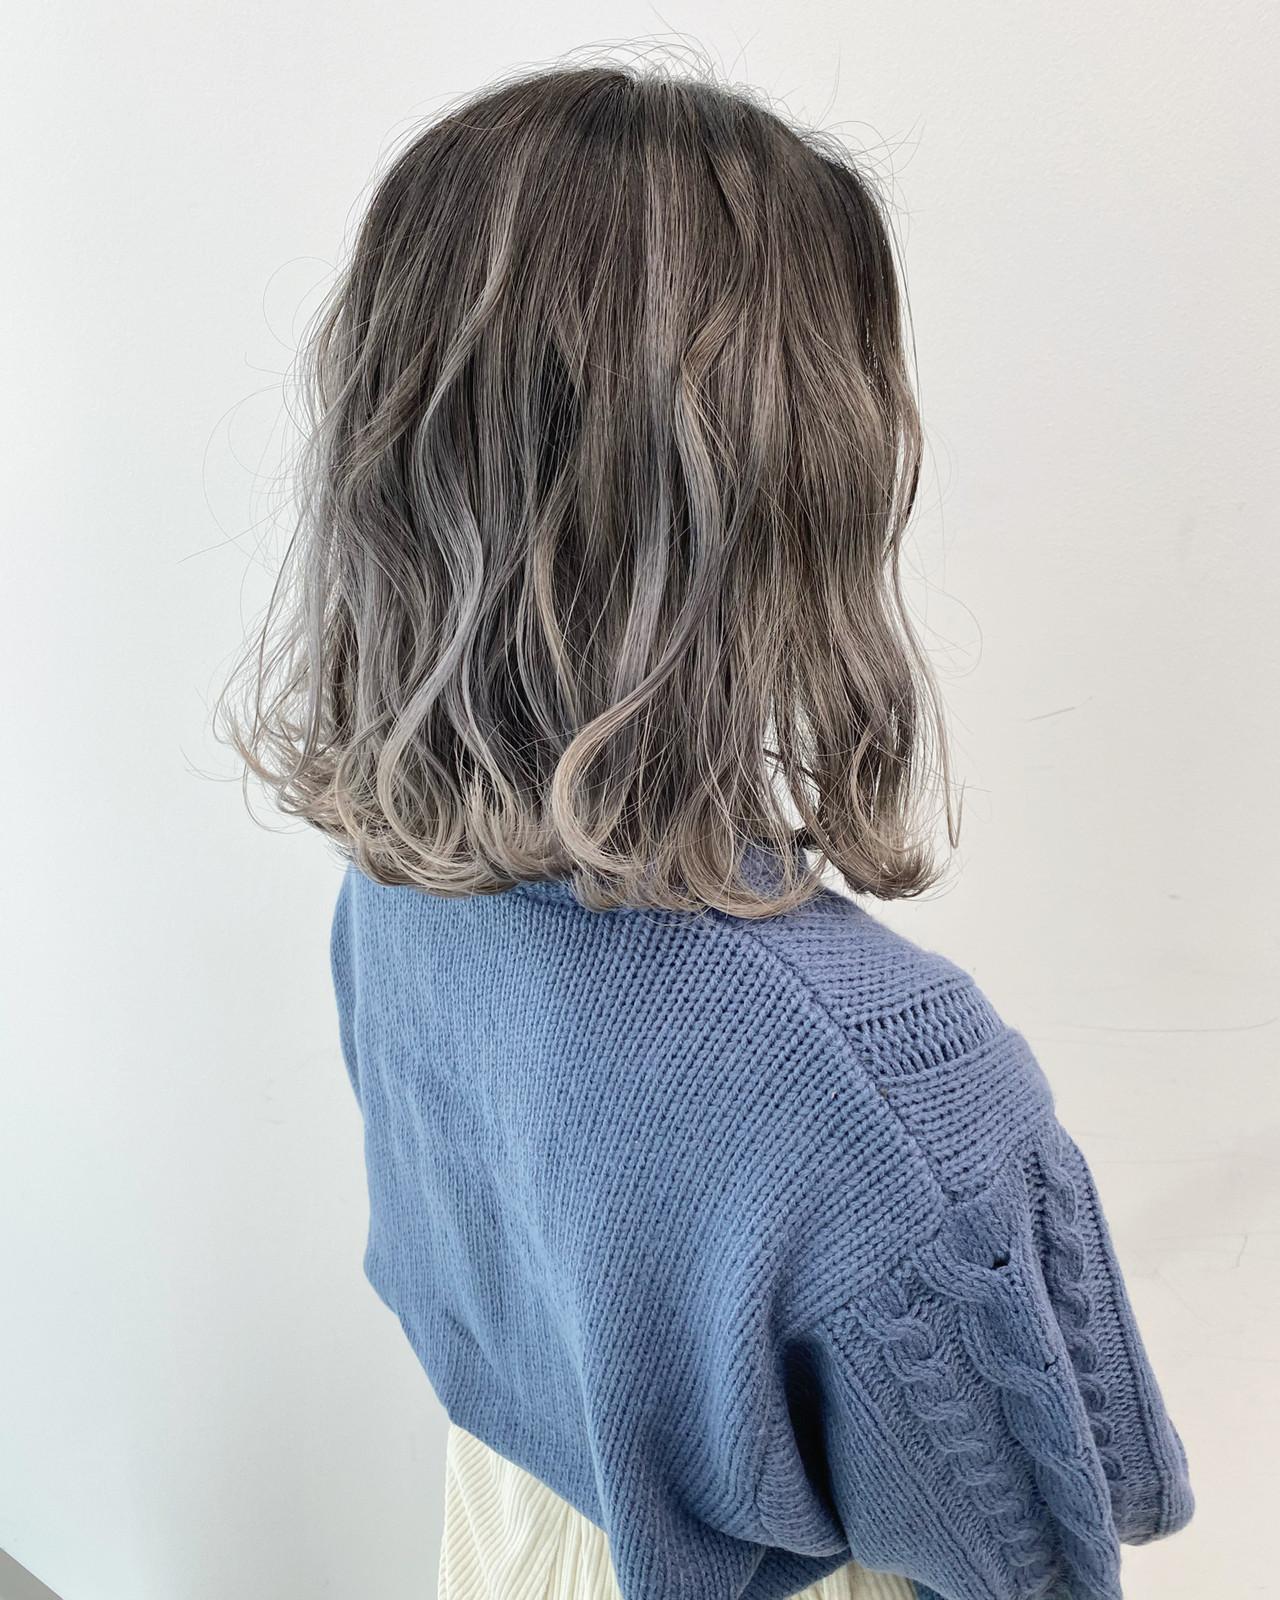 バレイヤージュ ストリート グレージュ ミディアム ヘアスタイルや髪型の写真・画像   白土 諒 ALIVE kichijoji 店長 / ALIVE kichijoji